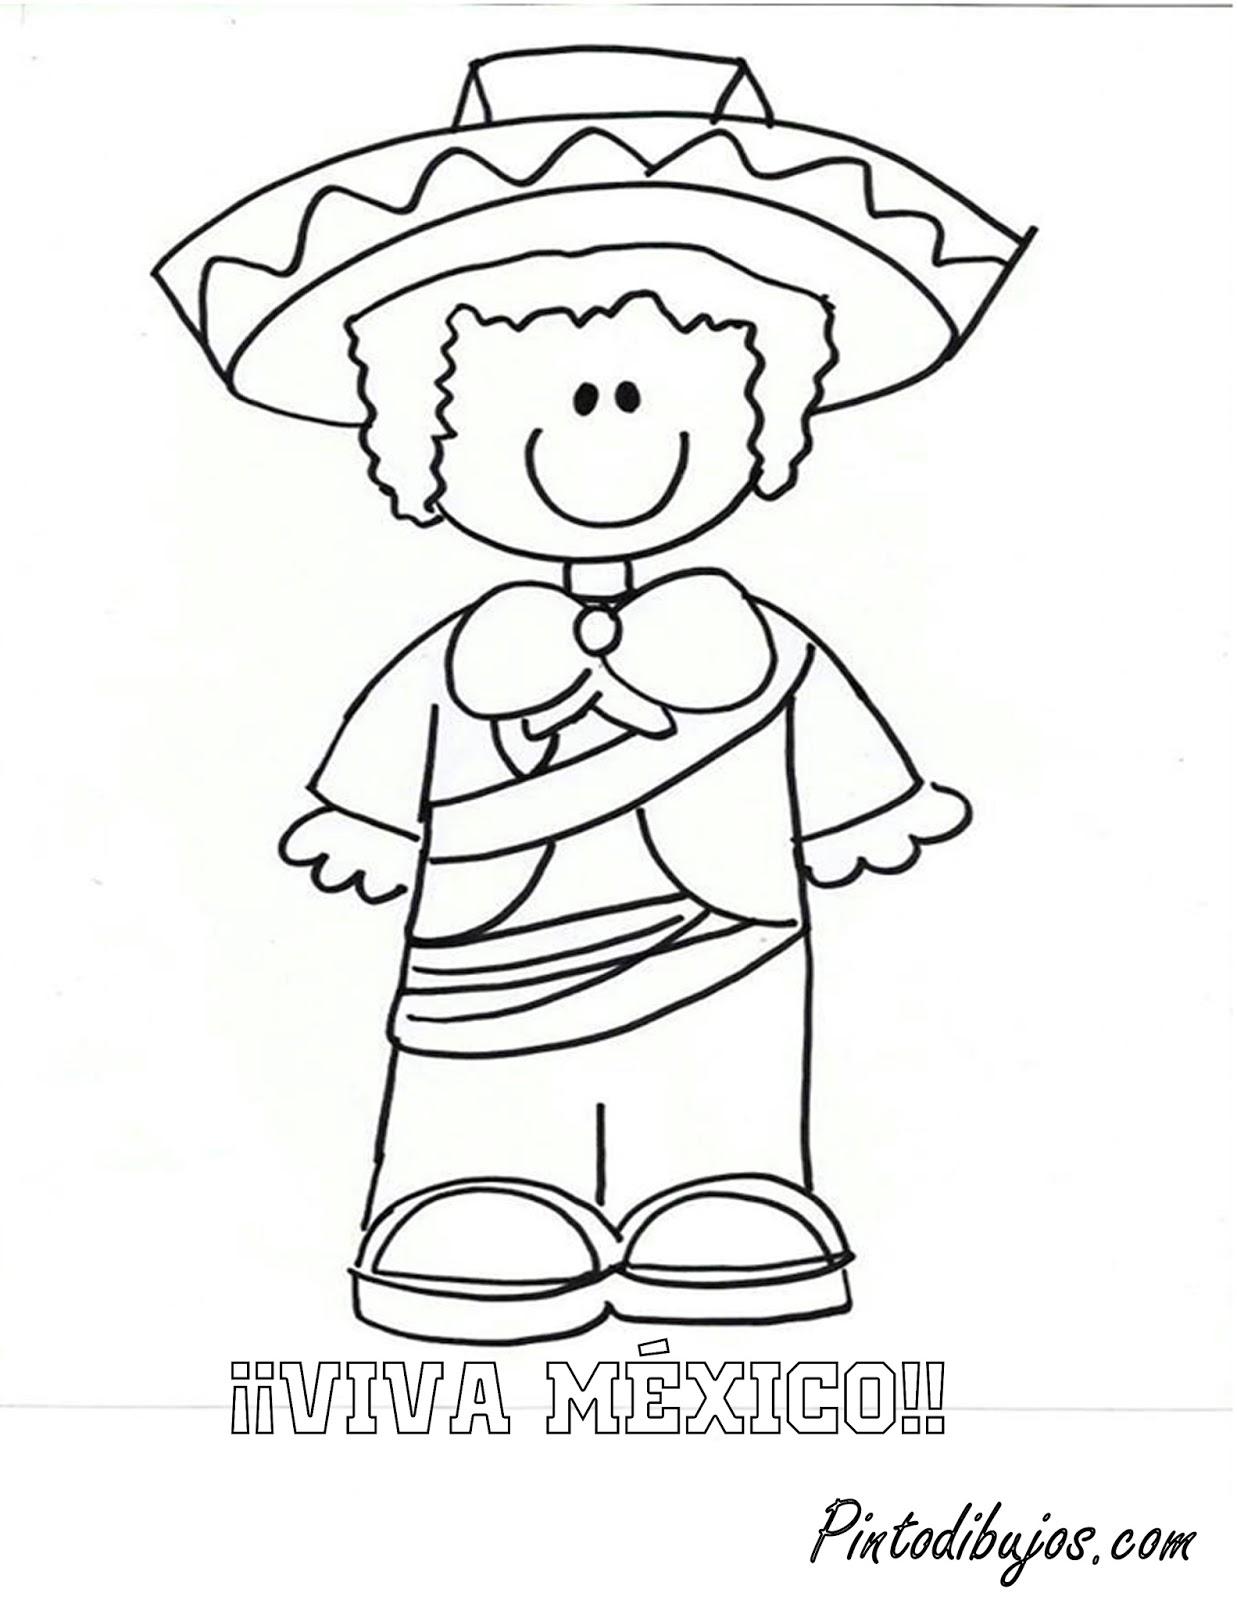 Mexico Dibujos Para Colorear Mexican Coloring Pages 1